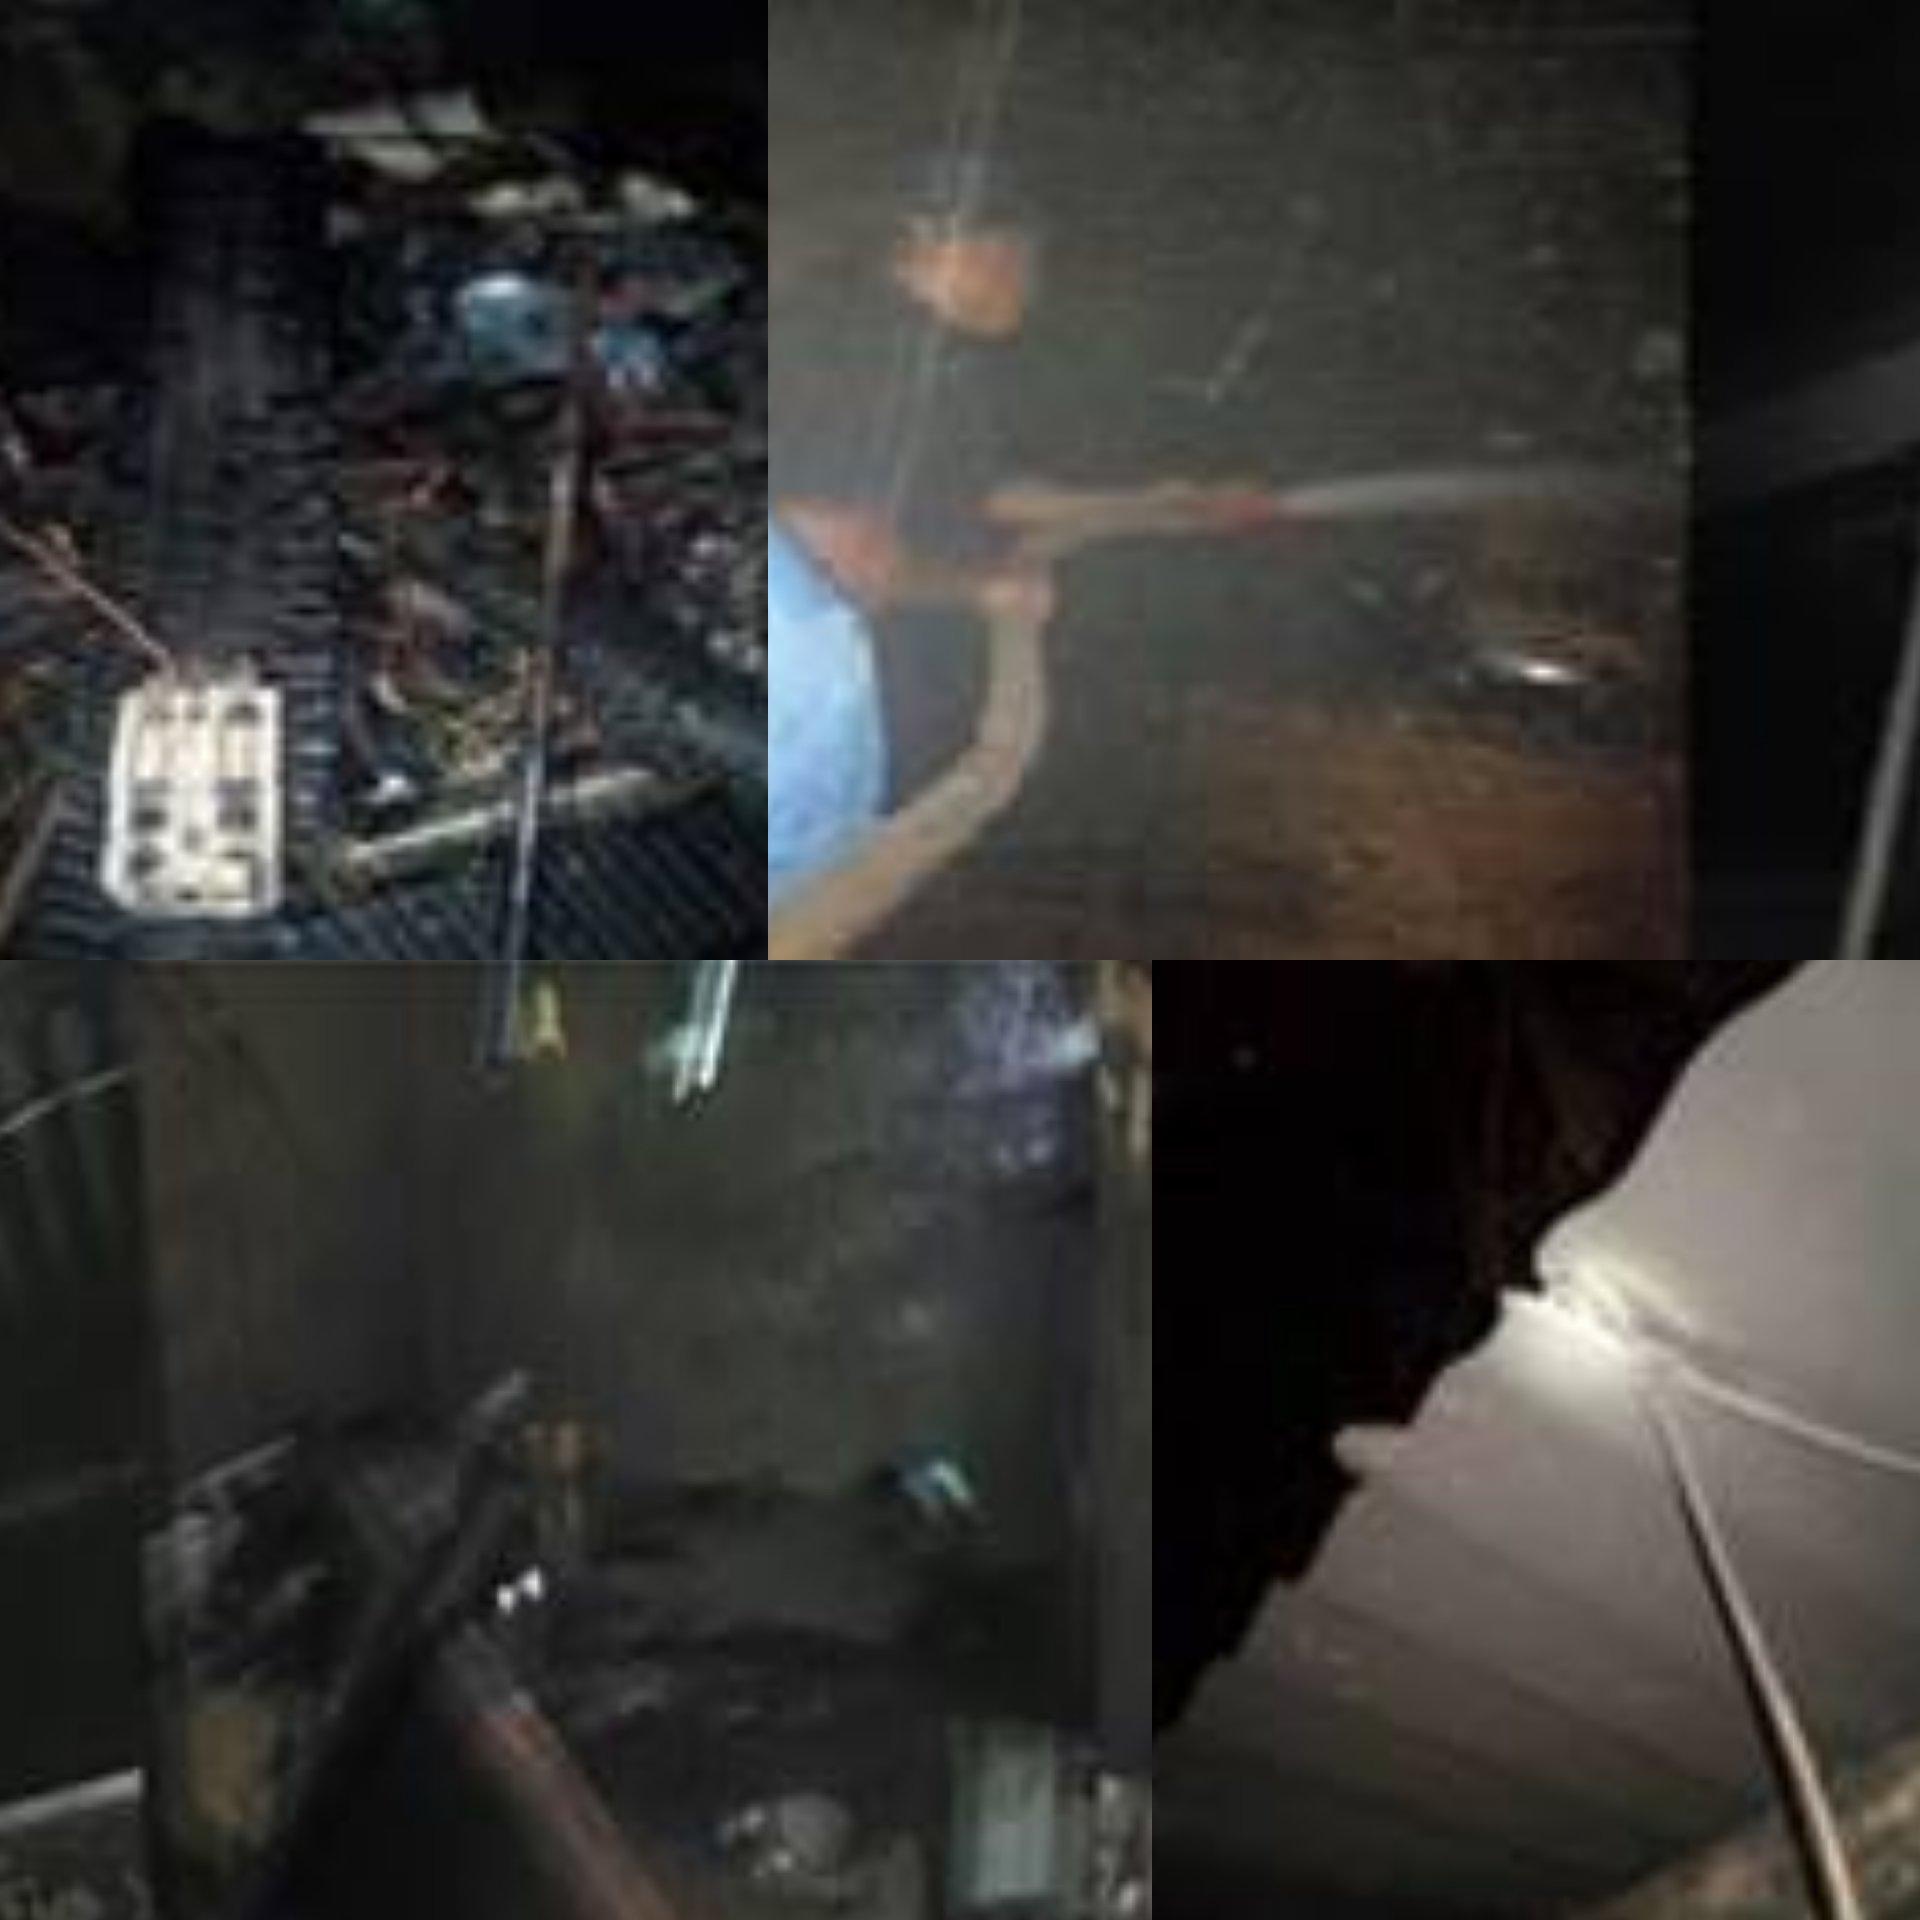 El siniestro dejó cuantiosos daños materiales y afortunadamente no se registran personas lesionadas gracias al rápido actuar de los bomberos